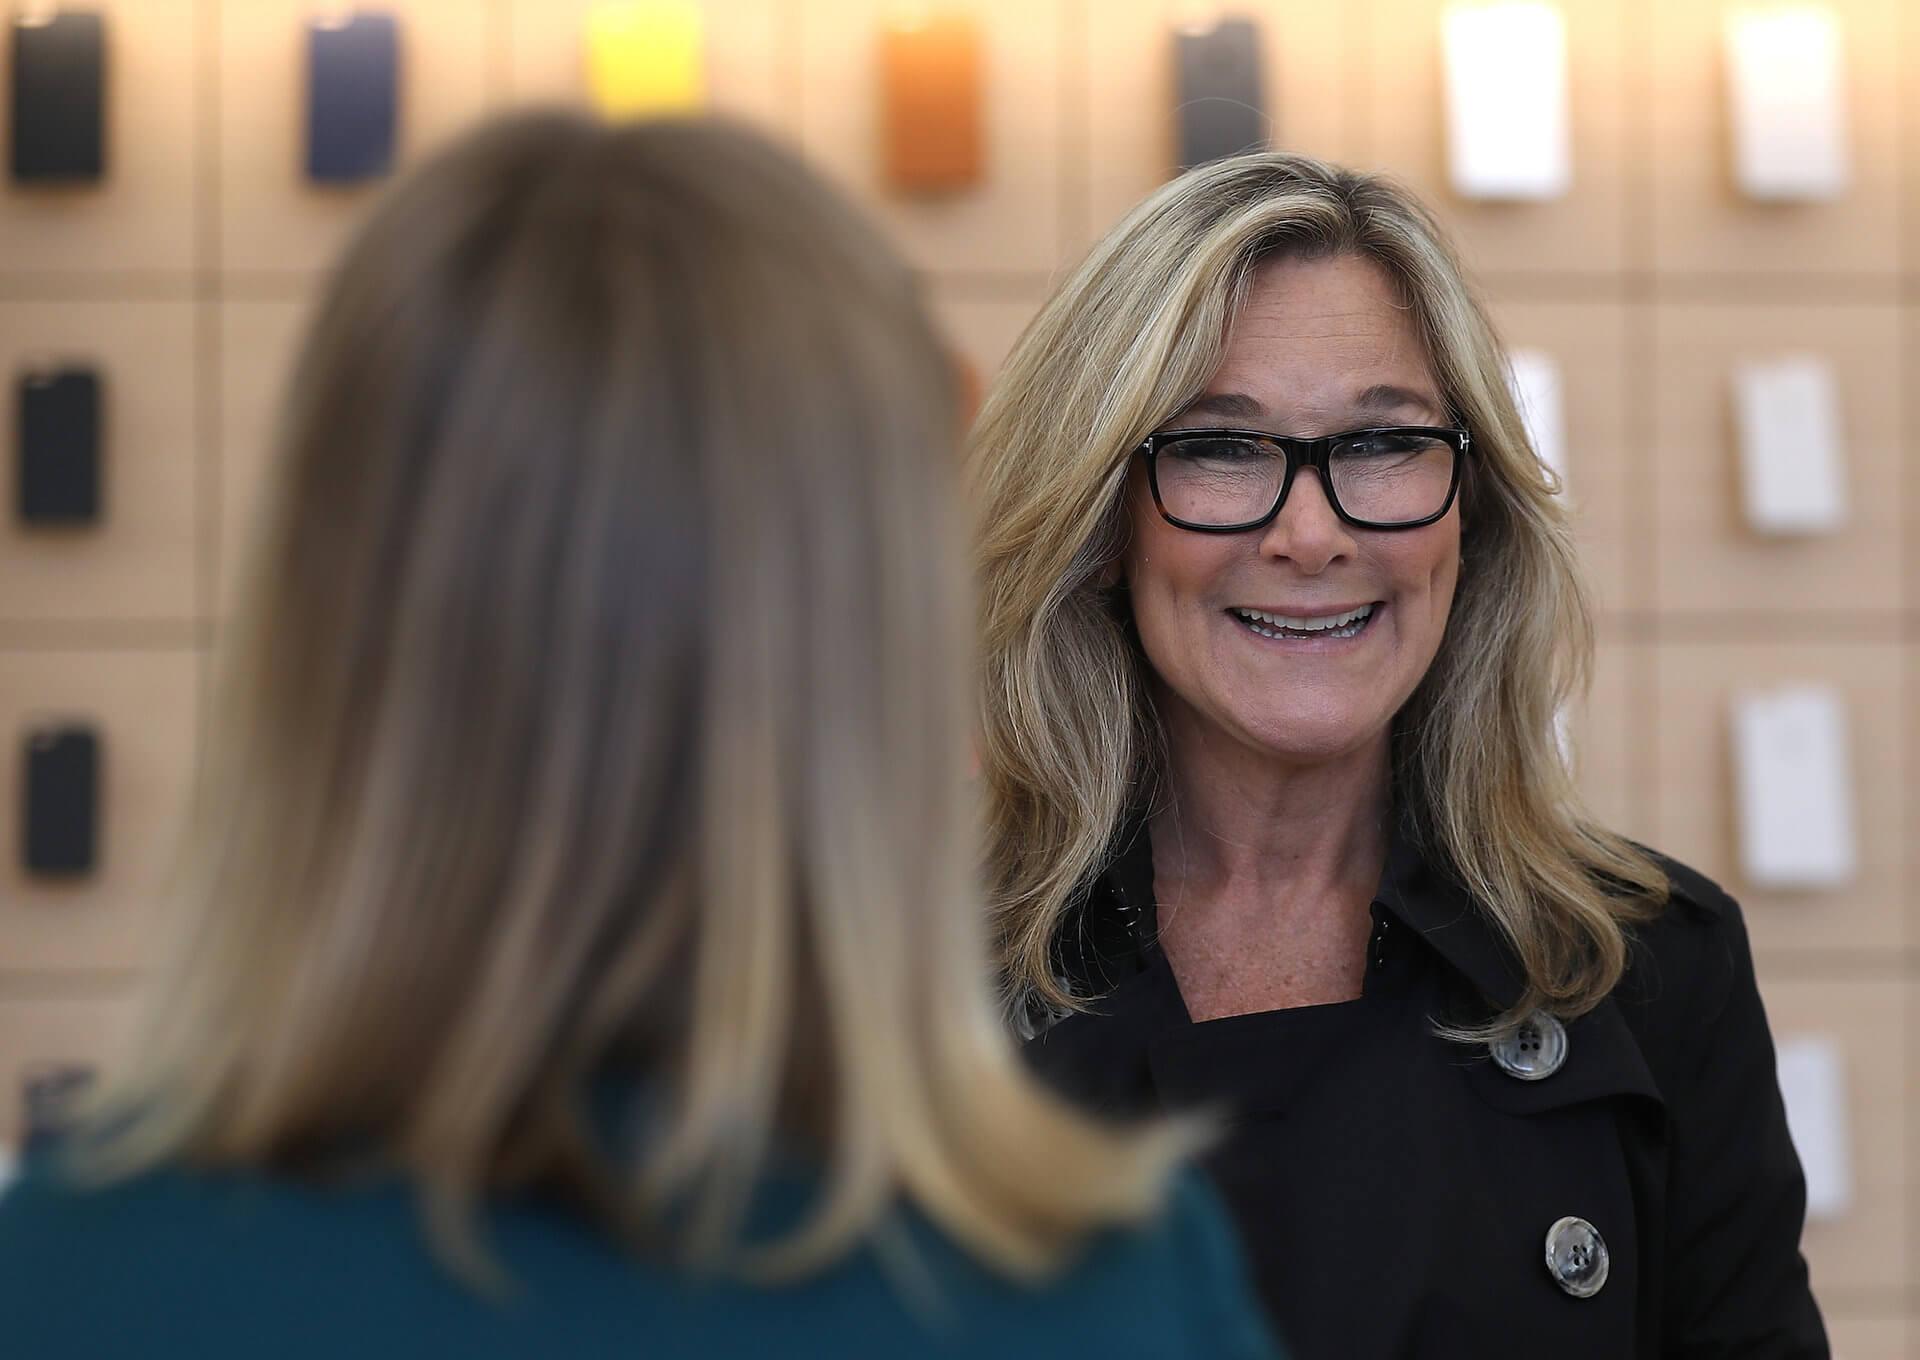 Người phụ nữ được trả lương cao hơn cả Tim Cook rời khỏi Apple - 1